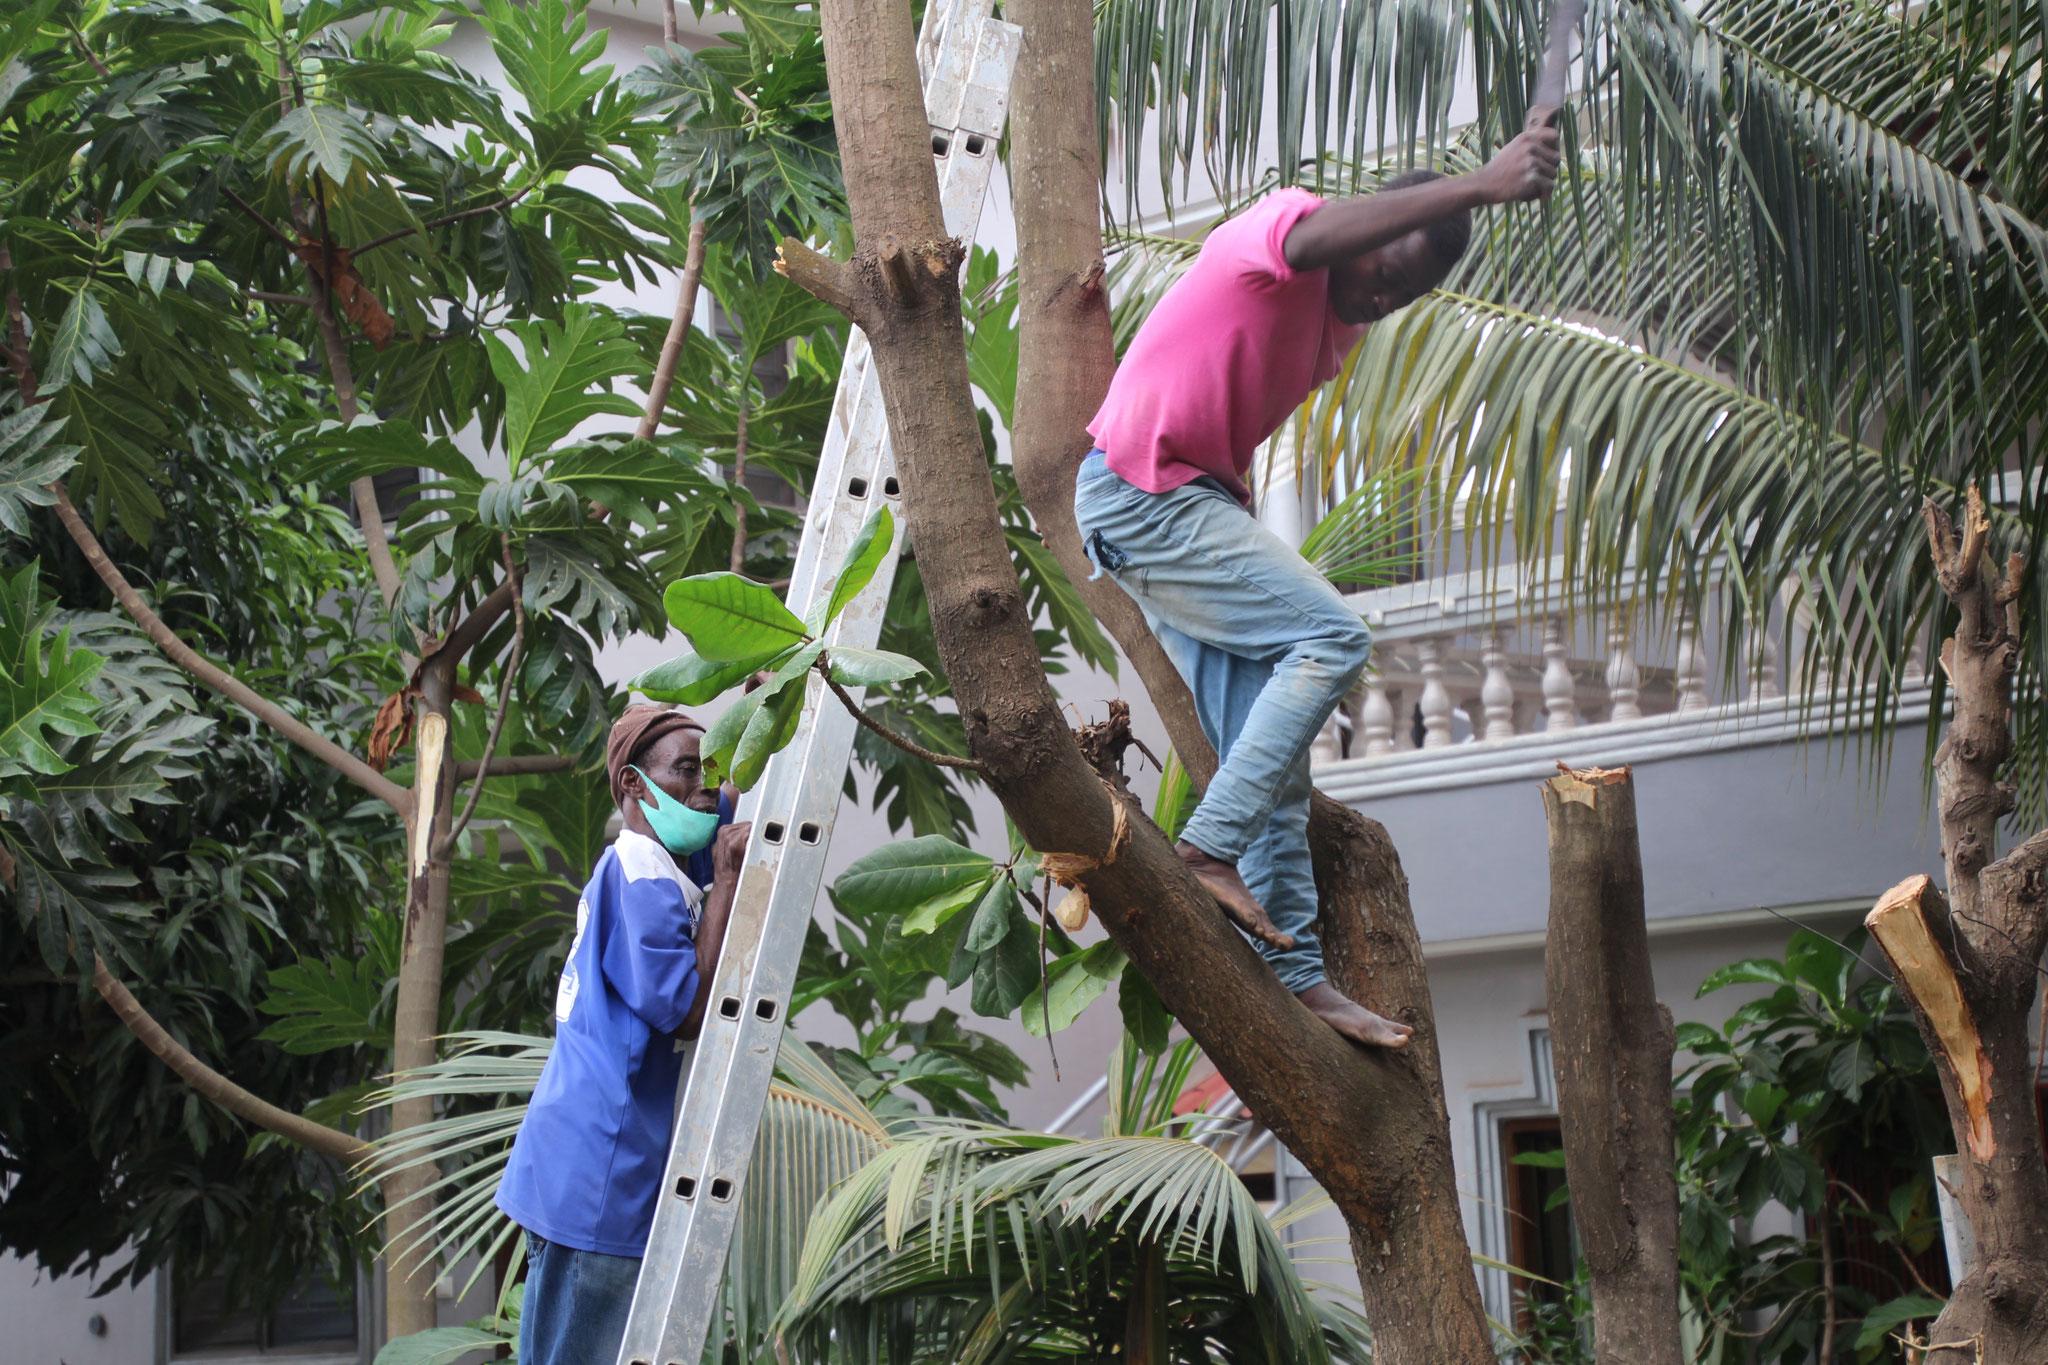 Venavie der Maurerlehrling hilft dem Gärtner.